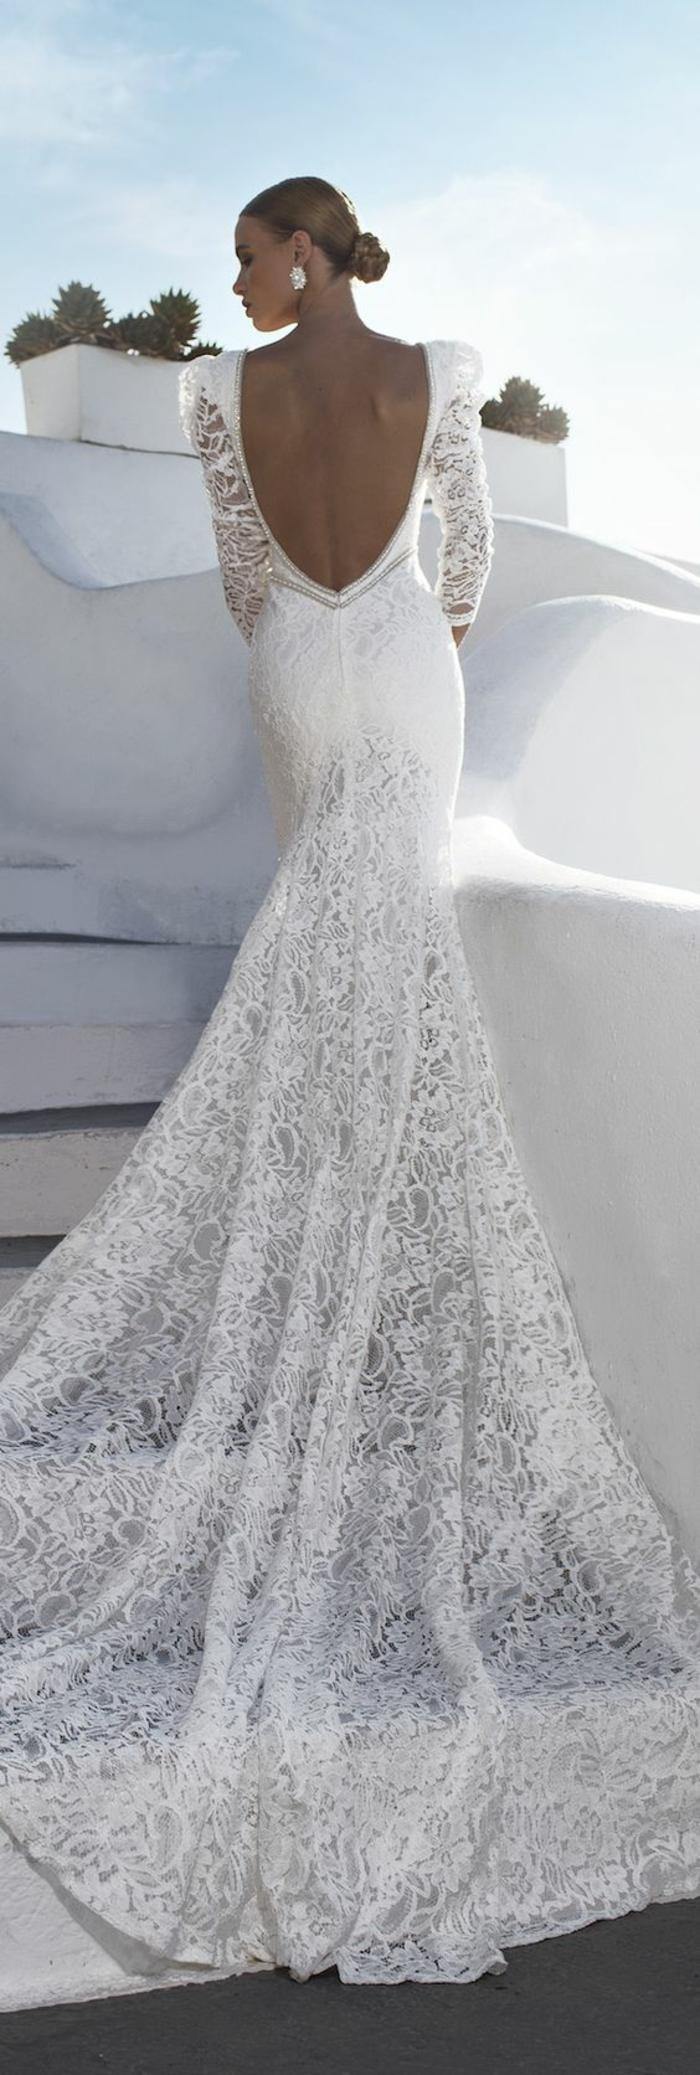 robe de mariée moulante avec bas évasé et dos décolleté, un chignon bas élégant